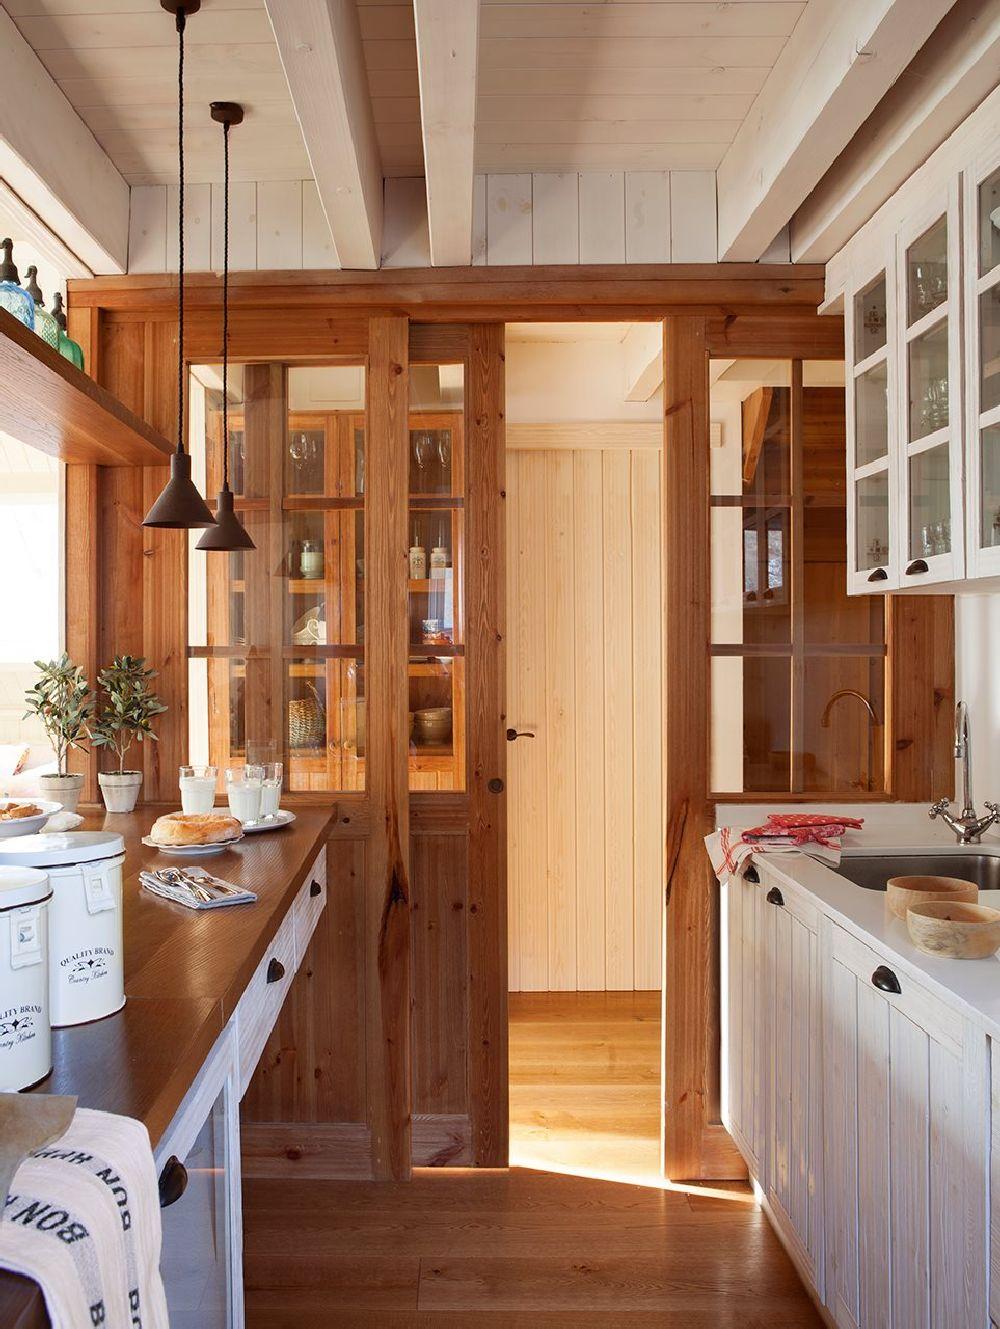 adelaparvu.com despre locuinta la mansarda, arhitect Cristina Carbonell, Foto ElMueble (2)